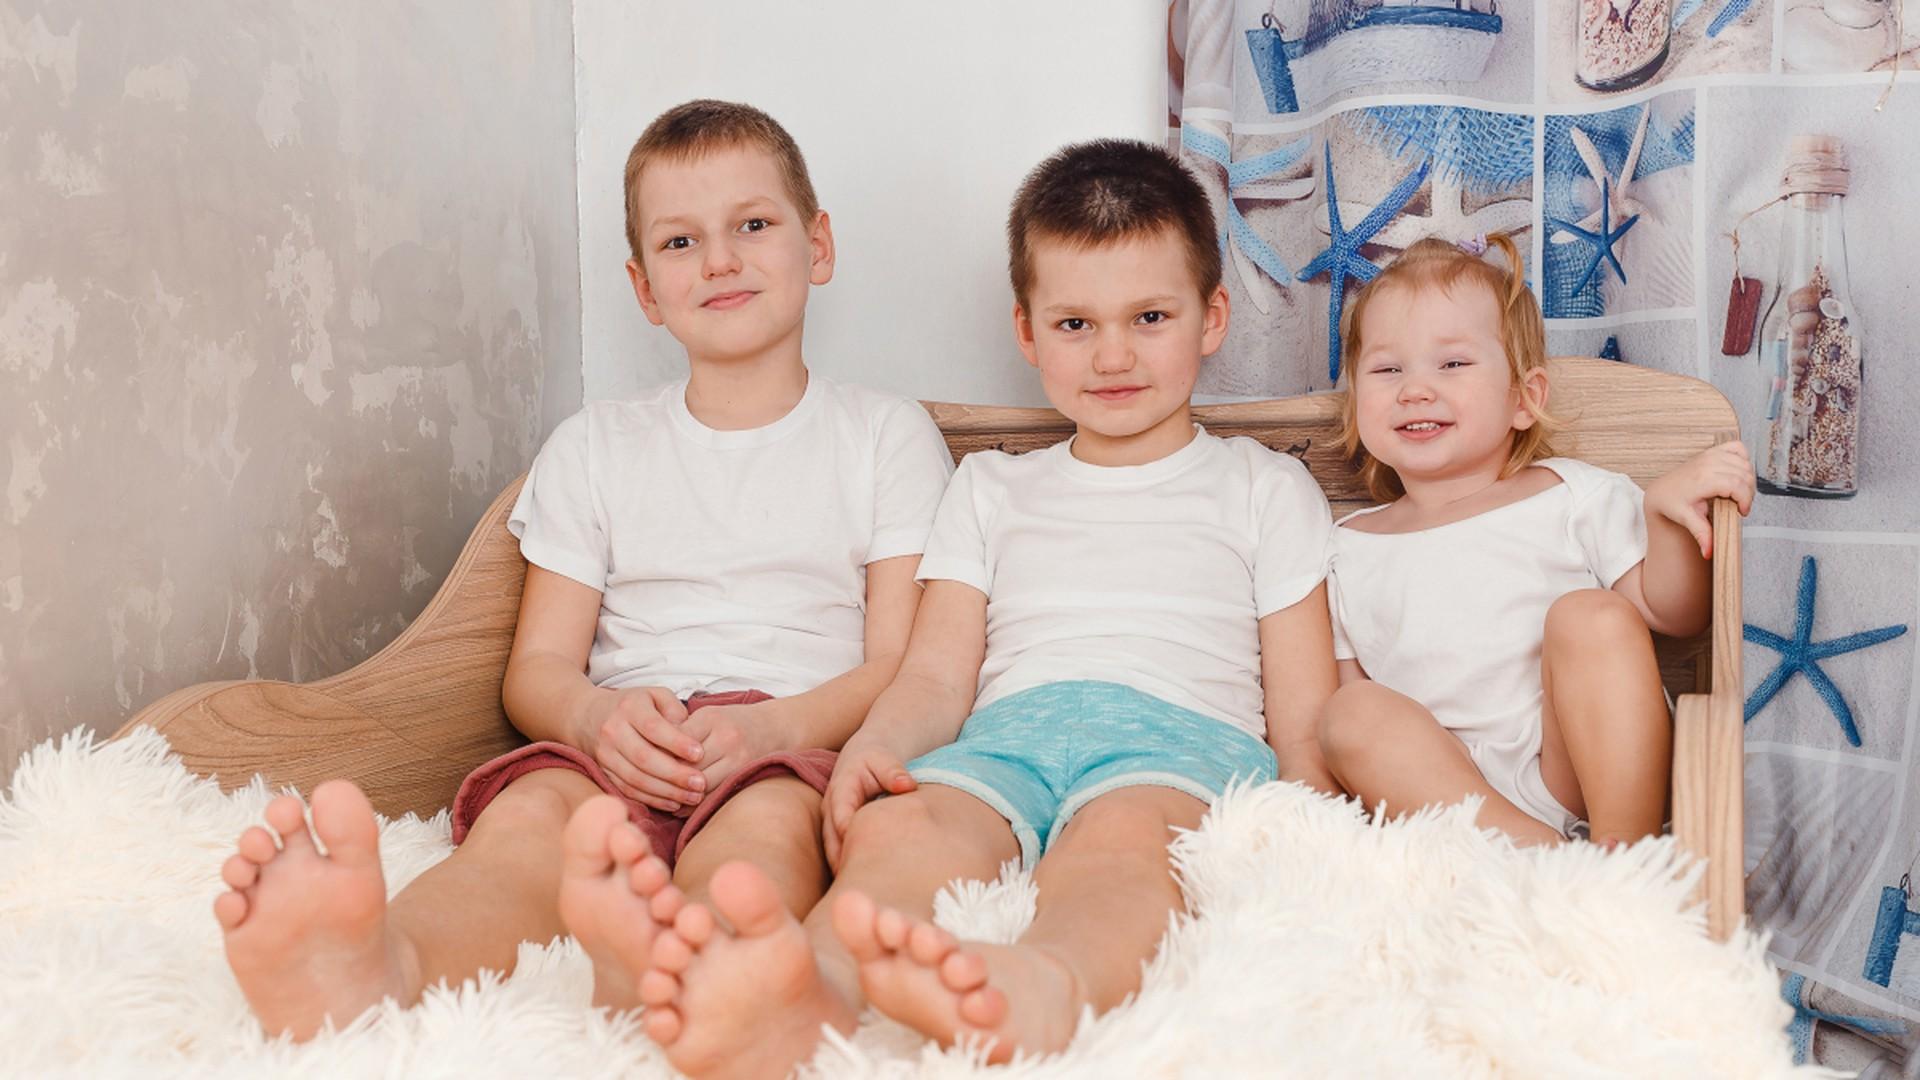 Drei Kinder sitzen nebeneinander in einem Bett